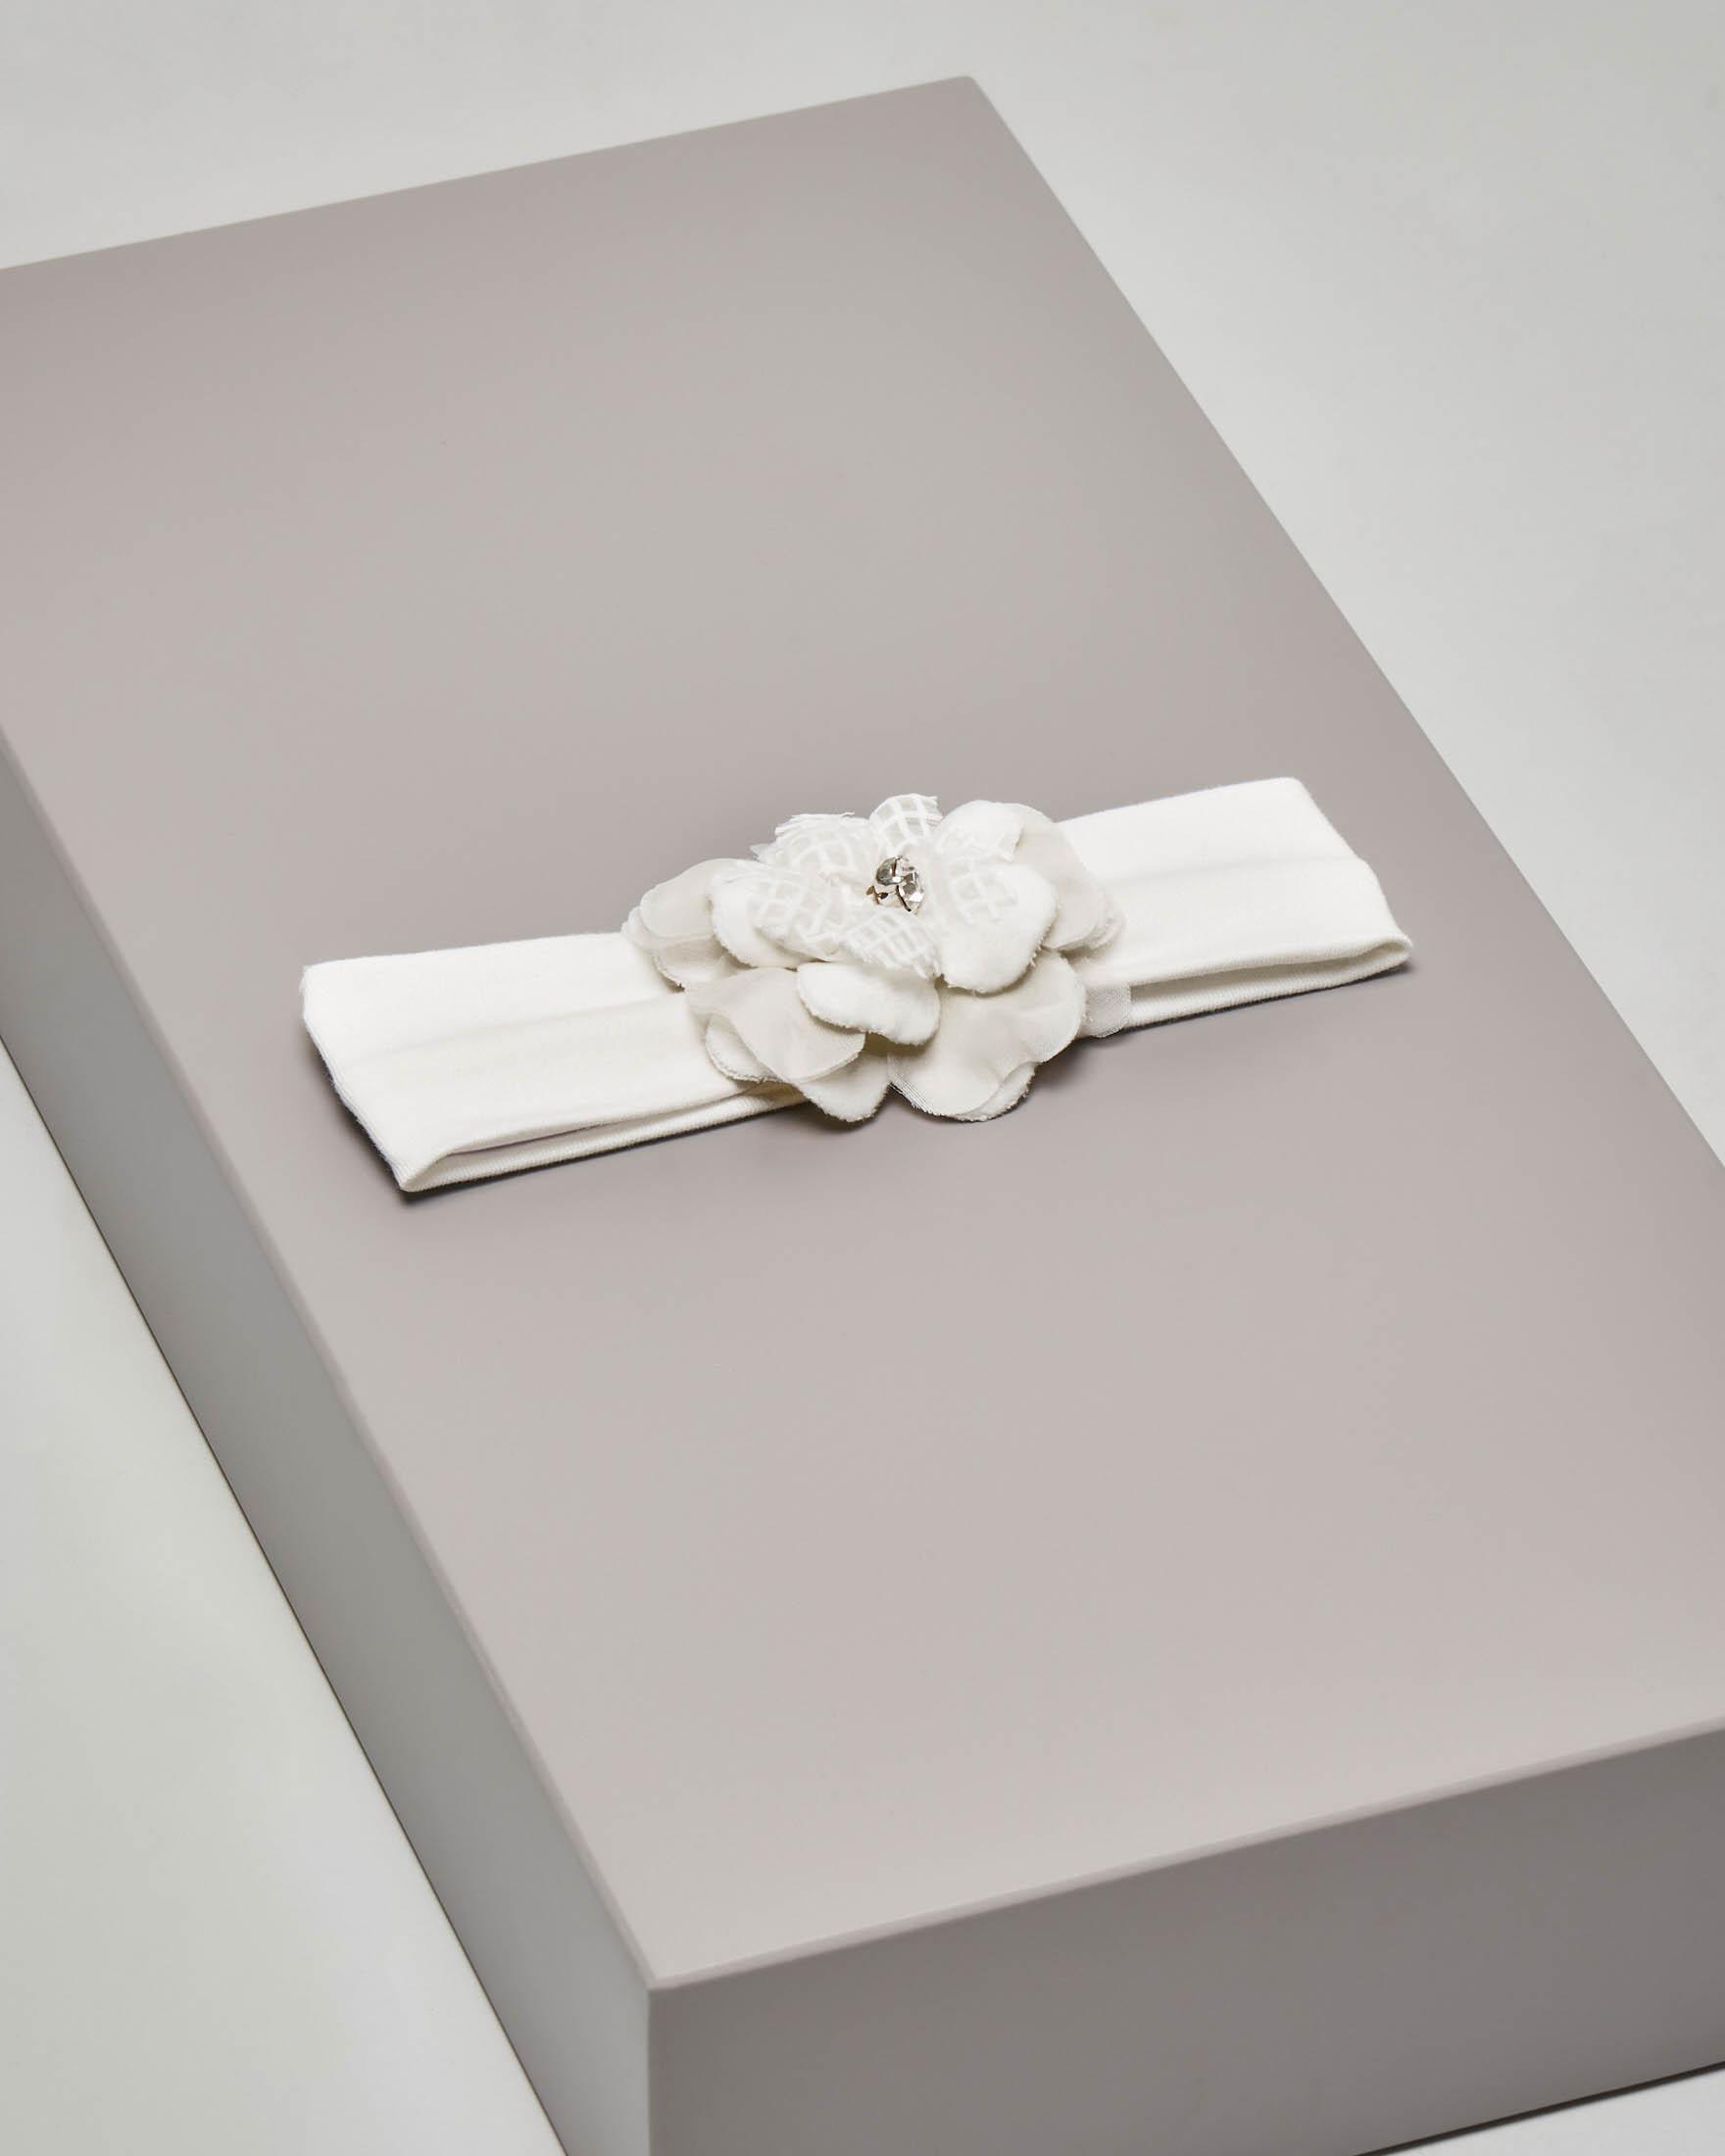 Fascia bianca in cotone elasticizzato con fiore e gioiello applicati